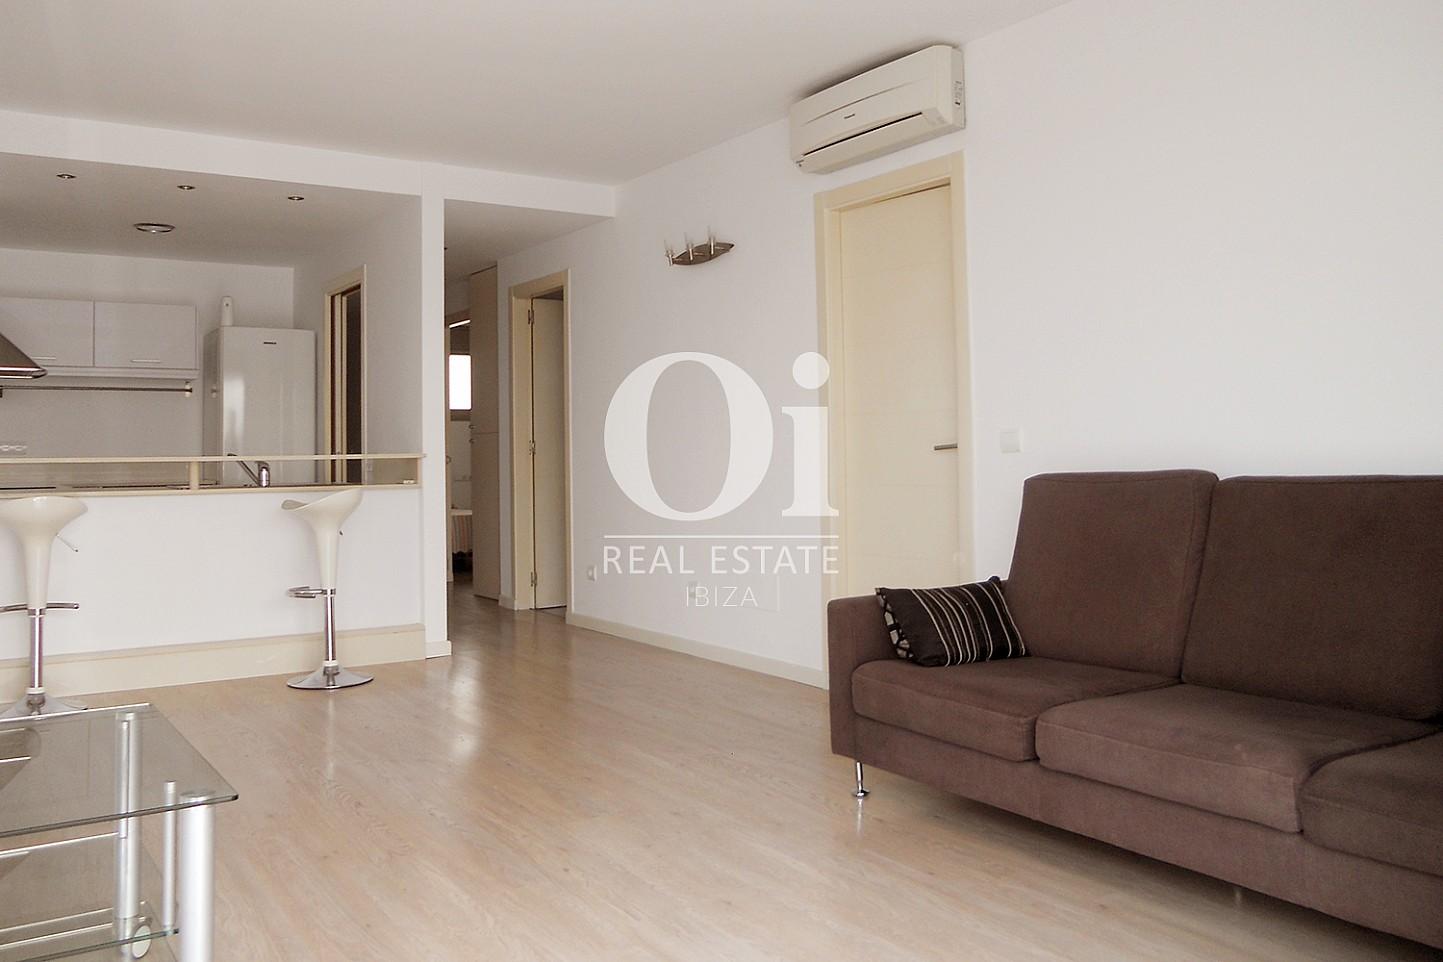 Salle de séjour d'appartement à vendre à Cala Gracio, Ibiza